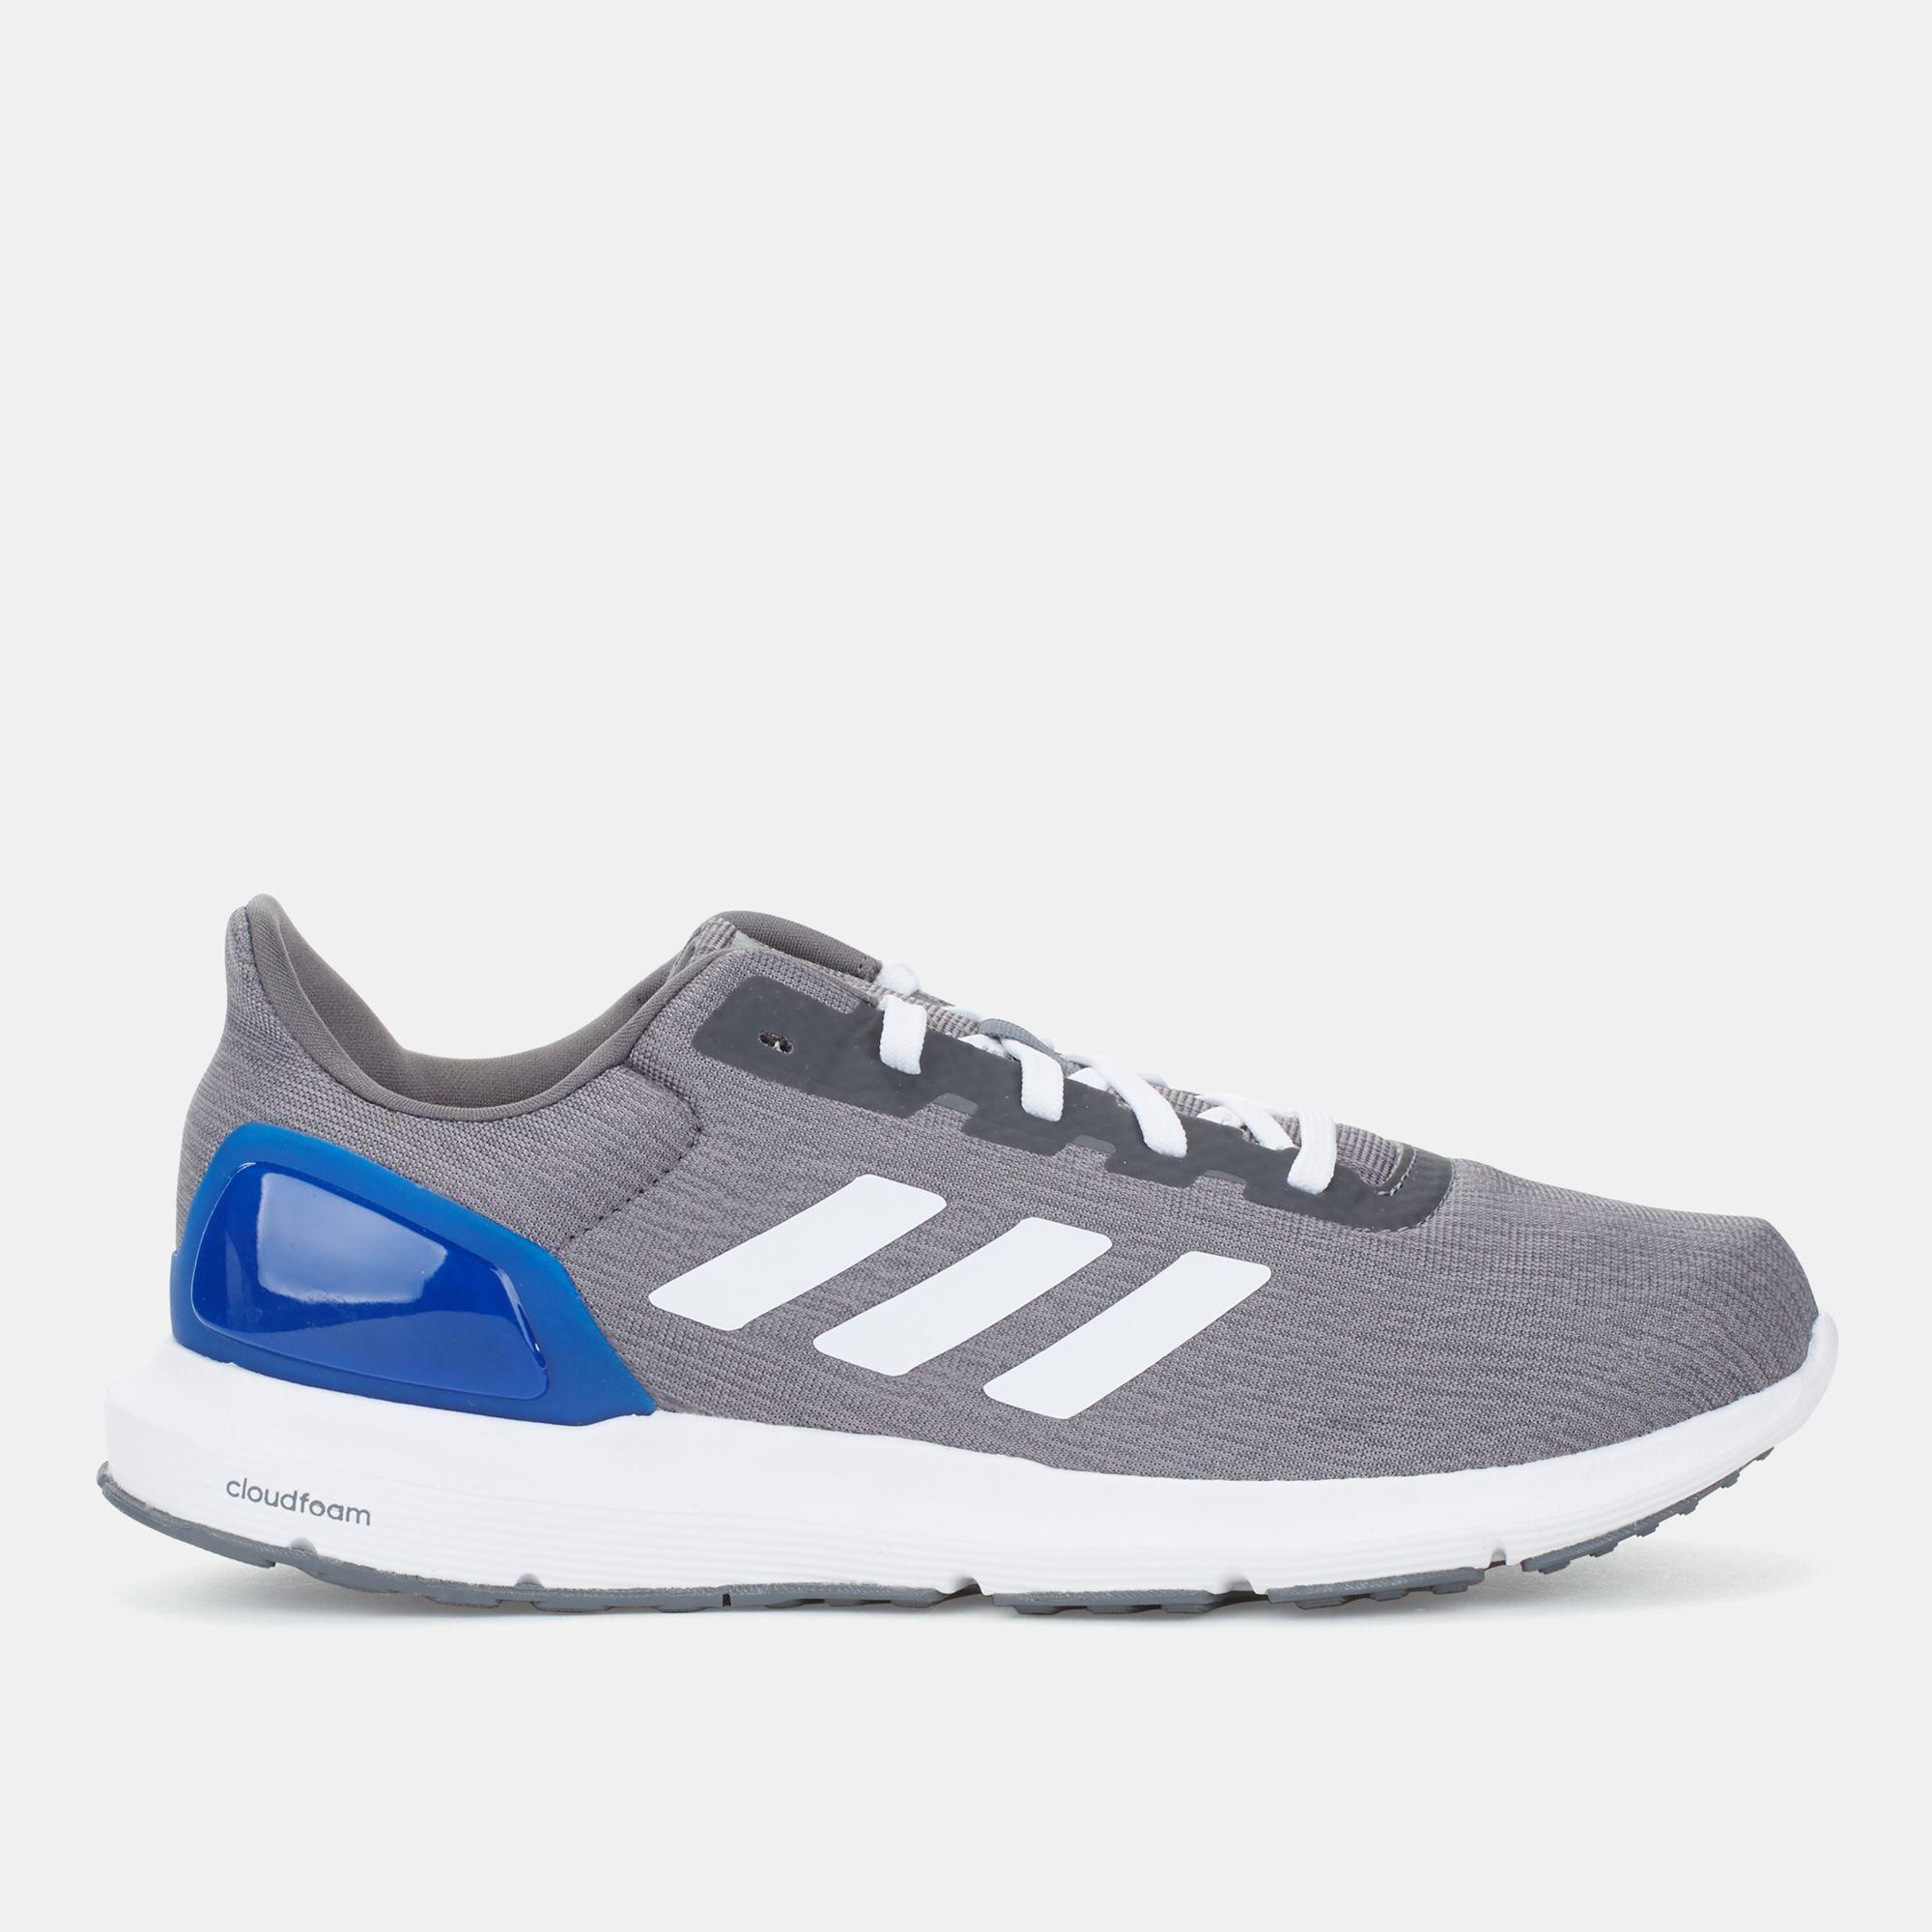 Negozio di scarpe da corsa grey adidas cosmico 2 per gli uomini da adidas sss